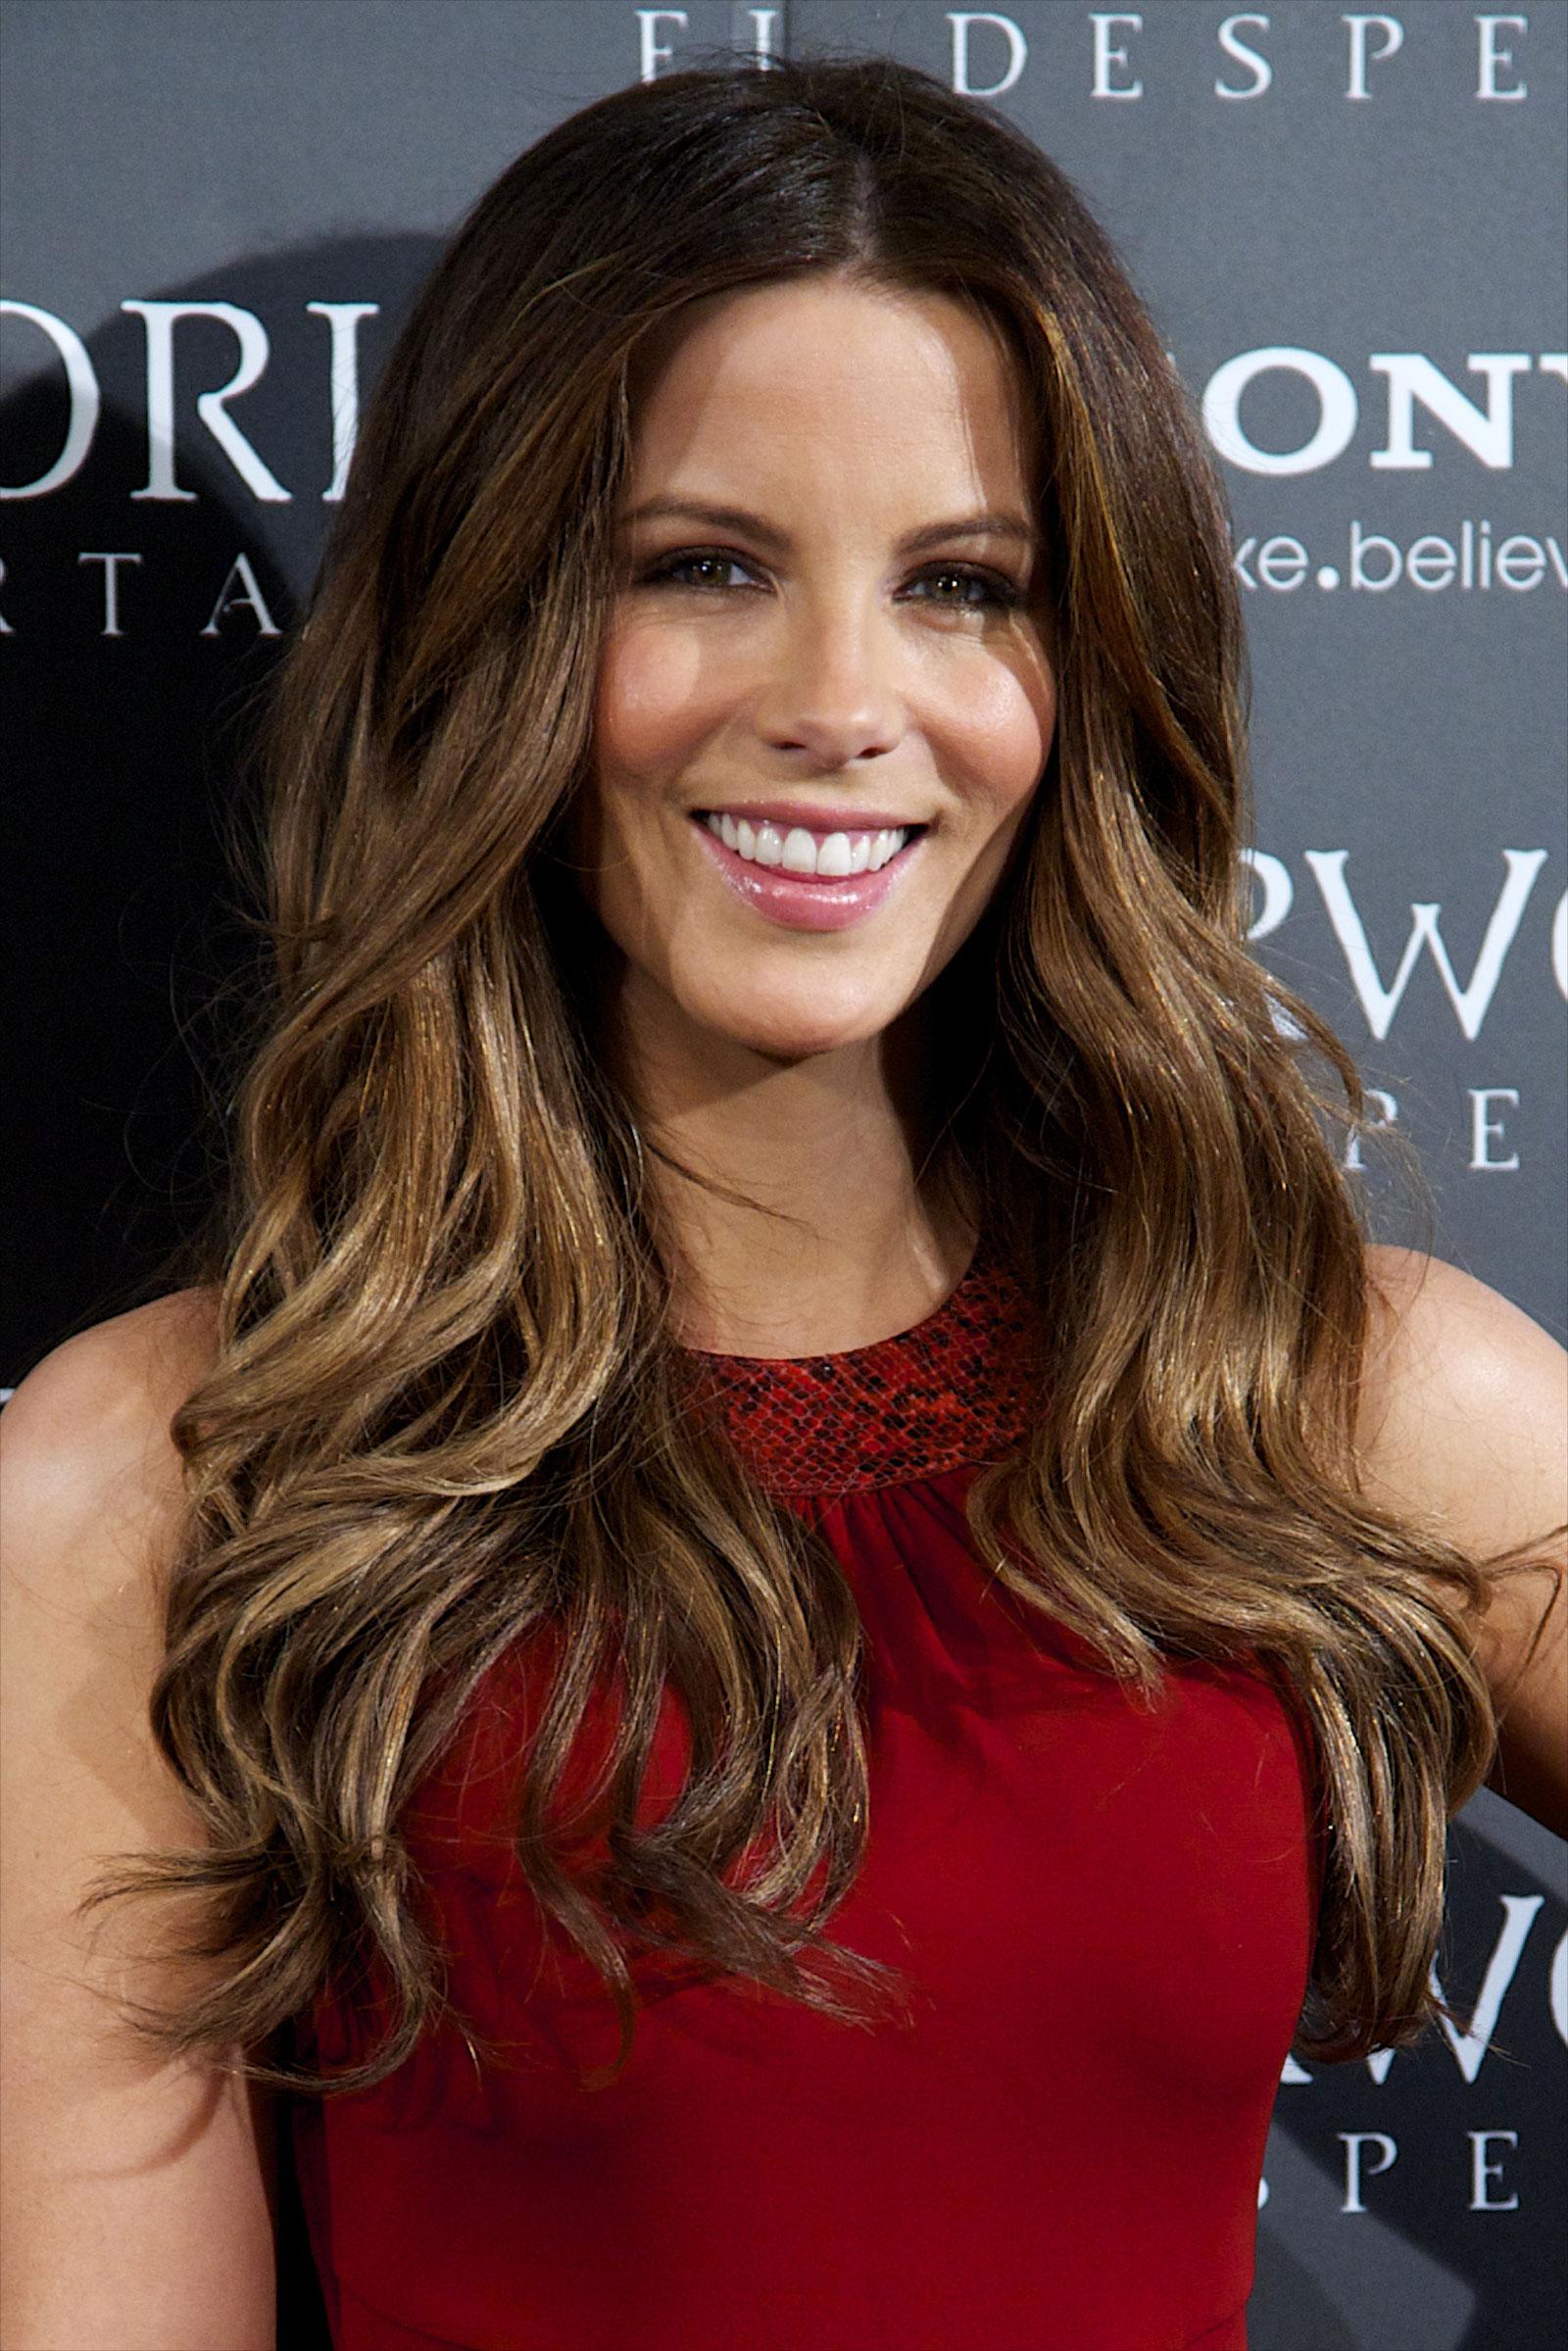 называется контрслой голливудские звезды с длинными волосами фото также ограничиваться